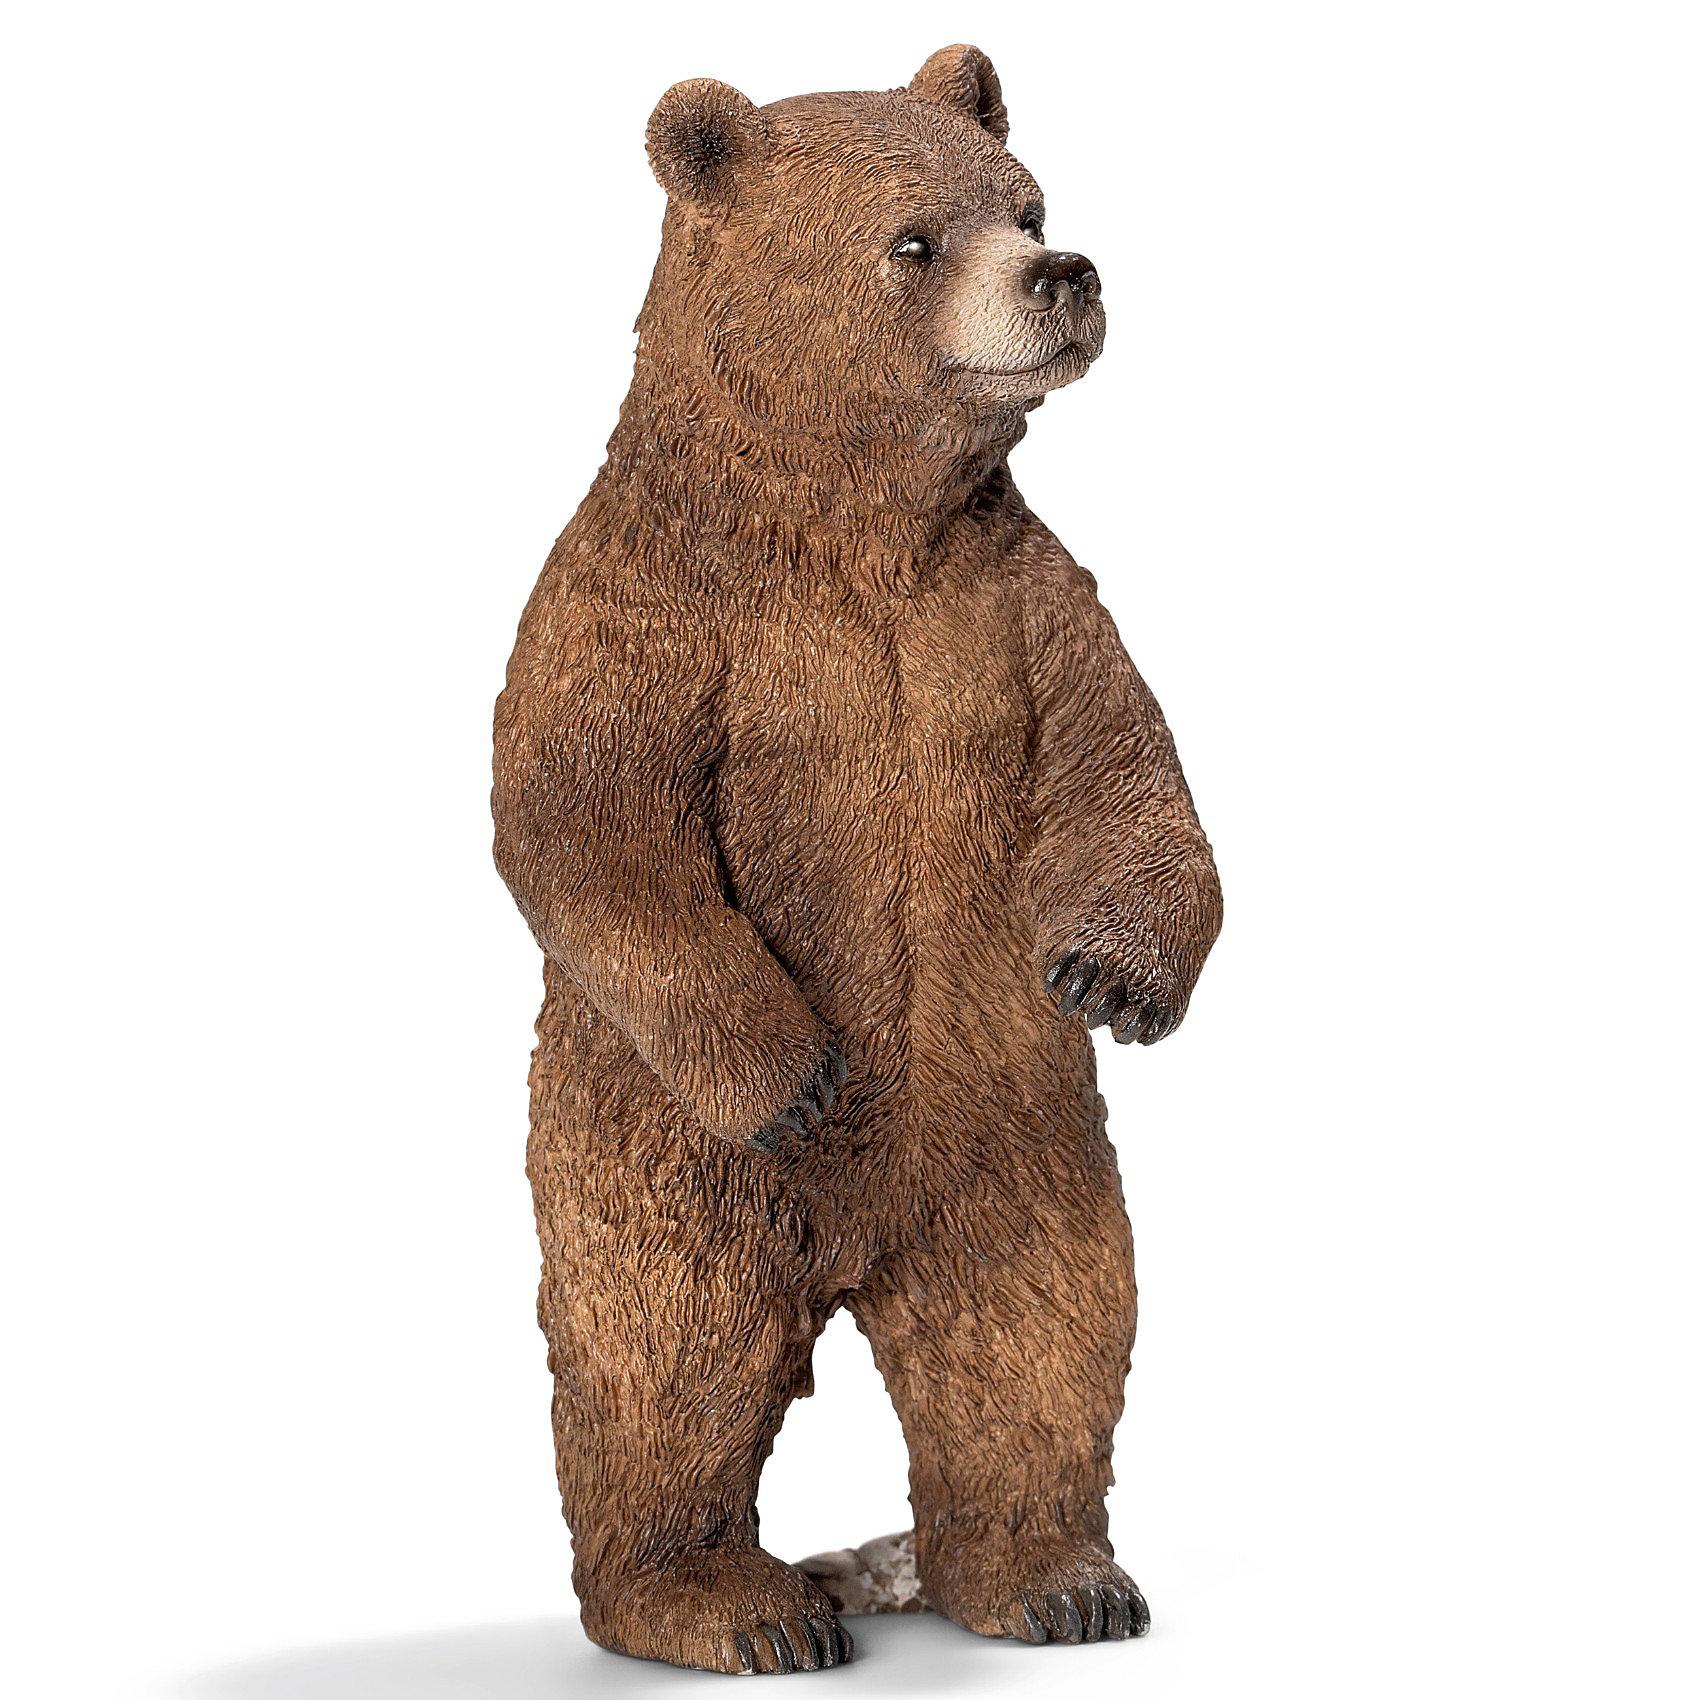 Schleich Медведь Гризли, самка. Серия Дикие животныеSchleich (Шляйх) Медведь Гризли, самка. Серия Дикие животные - это крупнейший медведь Северной Америки. Медведь гризли весит около 450 кг, у него сильные задние лапы. Медведь-гризли обожает ловить лосося, также он любит кушать растения и крупных млекопитающих, таких как лоси, олени. Также медведь может питаться медом.<br><br>Дополнительная информация:<br><br>-размеры (ДхШхВ): 4,5х10х5 см<br>-изготовлено из безопасного пластика и раскрашено вручную <br><br>В настоящее время медведя можно встретить только в заповеднике, а познакомить ребенка с ним - купив эту фигурку Гризли от компании Schleich (Шляйх).<br><br>Игрушку Schleich (Шляйх) Медведь Гризли, самка. Серия Дикие животные  можно купить  в нашем магазине<br><br>Ширина мм: 122<br>Глубина мм: 48<br>Высота мм: 35<br>Вес г: 87<br>Возраст от месяцев: 36<br>Возраст до месяцев: 96<br>Пол: Унисекс<br>Возраст: Детский<br>SKU: 2609262